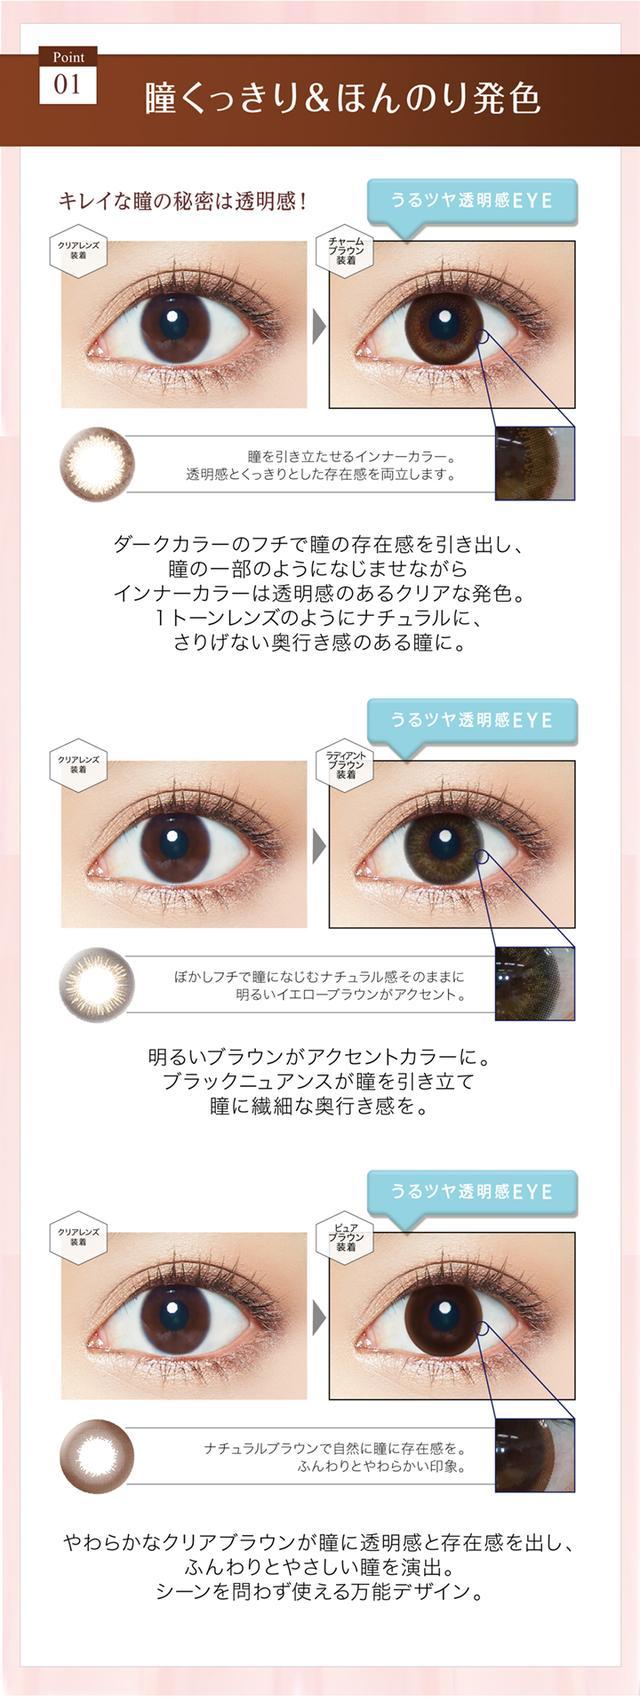 画像: 「綺麗な瞳のヒミツは透明感」レンズデザインにこだわり奥行き感や透明感を演出できるように設計。 瞳くっきり&ほんのり発色を演出するカラーコンタクトです。